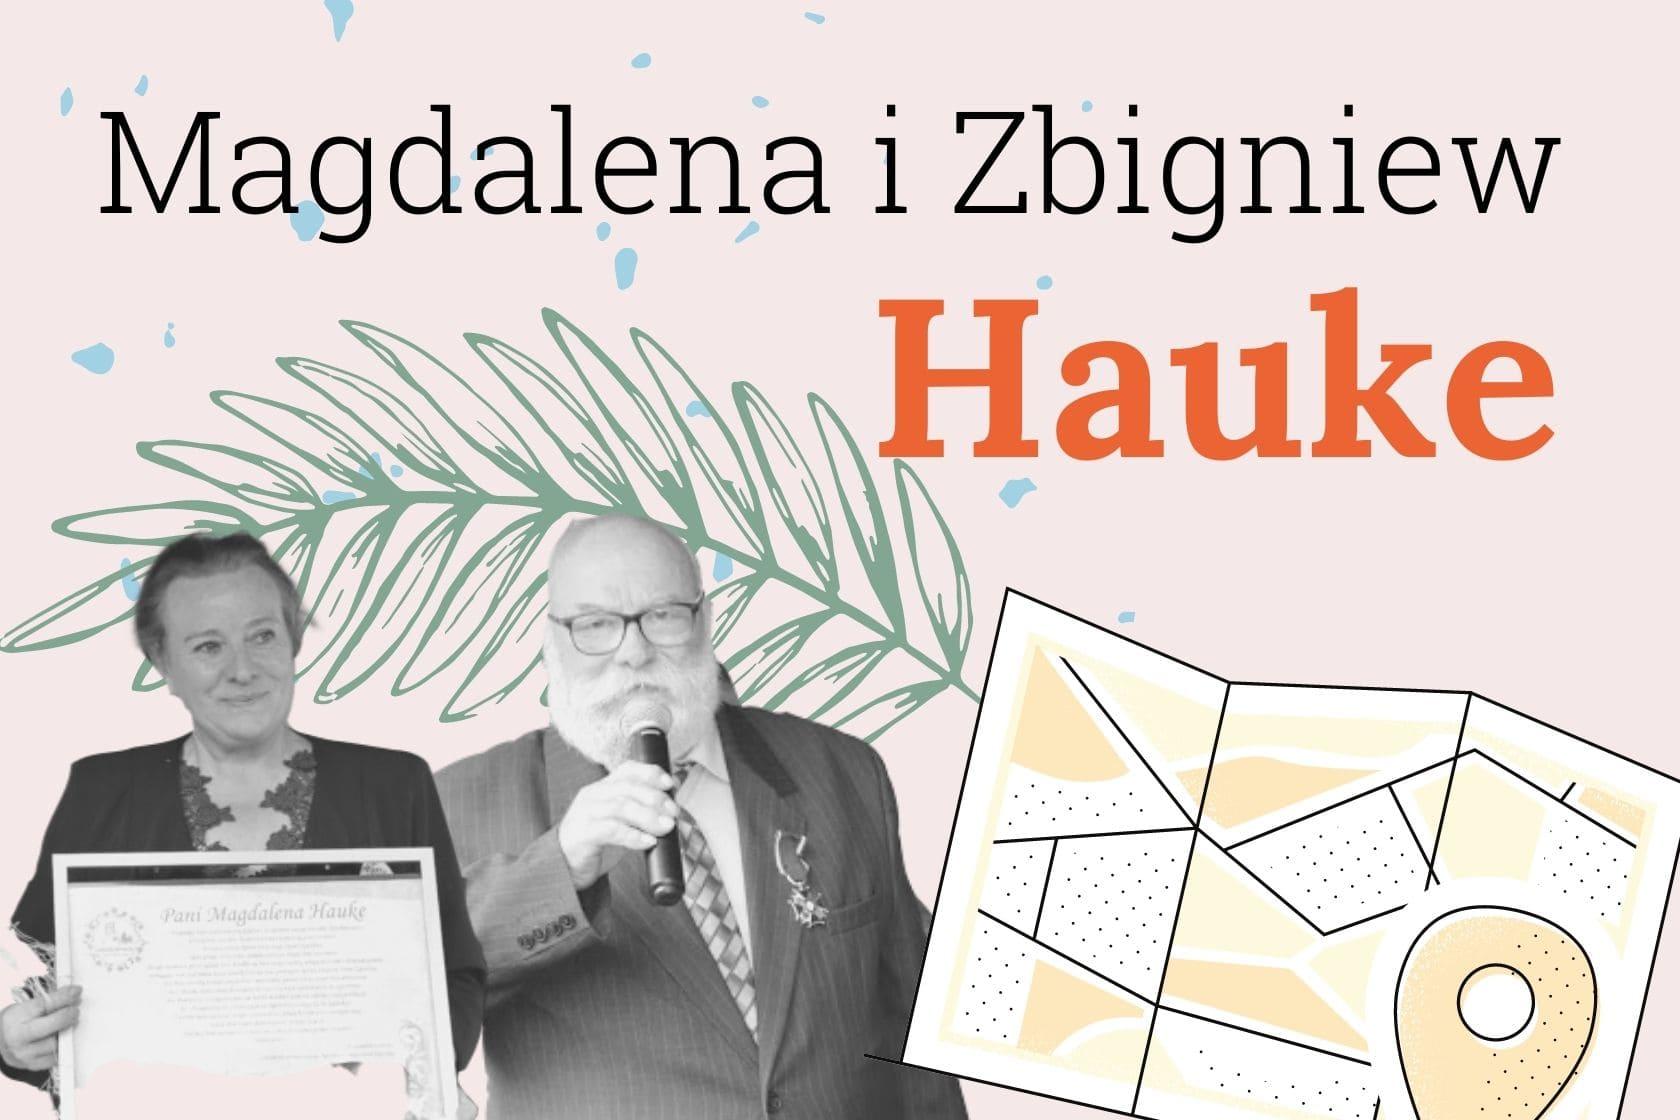 Magdalena Hauke, Zbigniew Hauke, Poznajmy się w gminie Zgierz